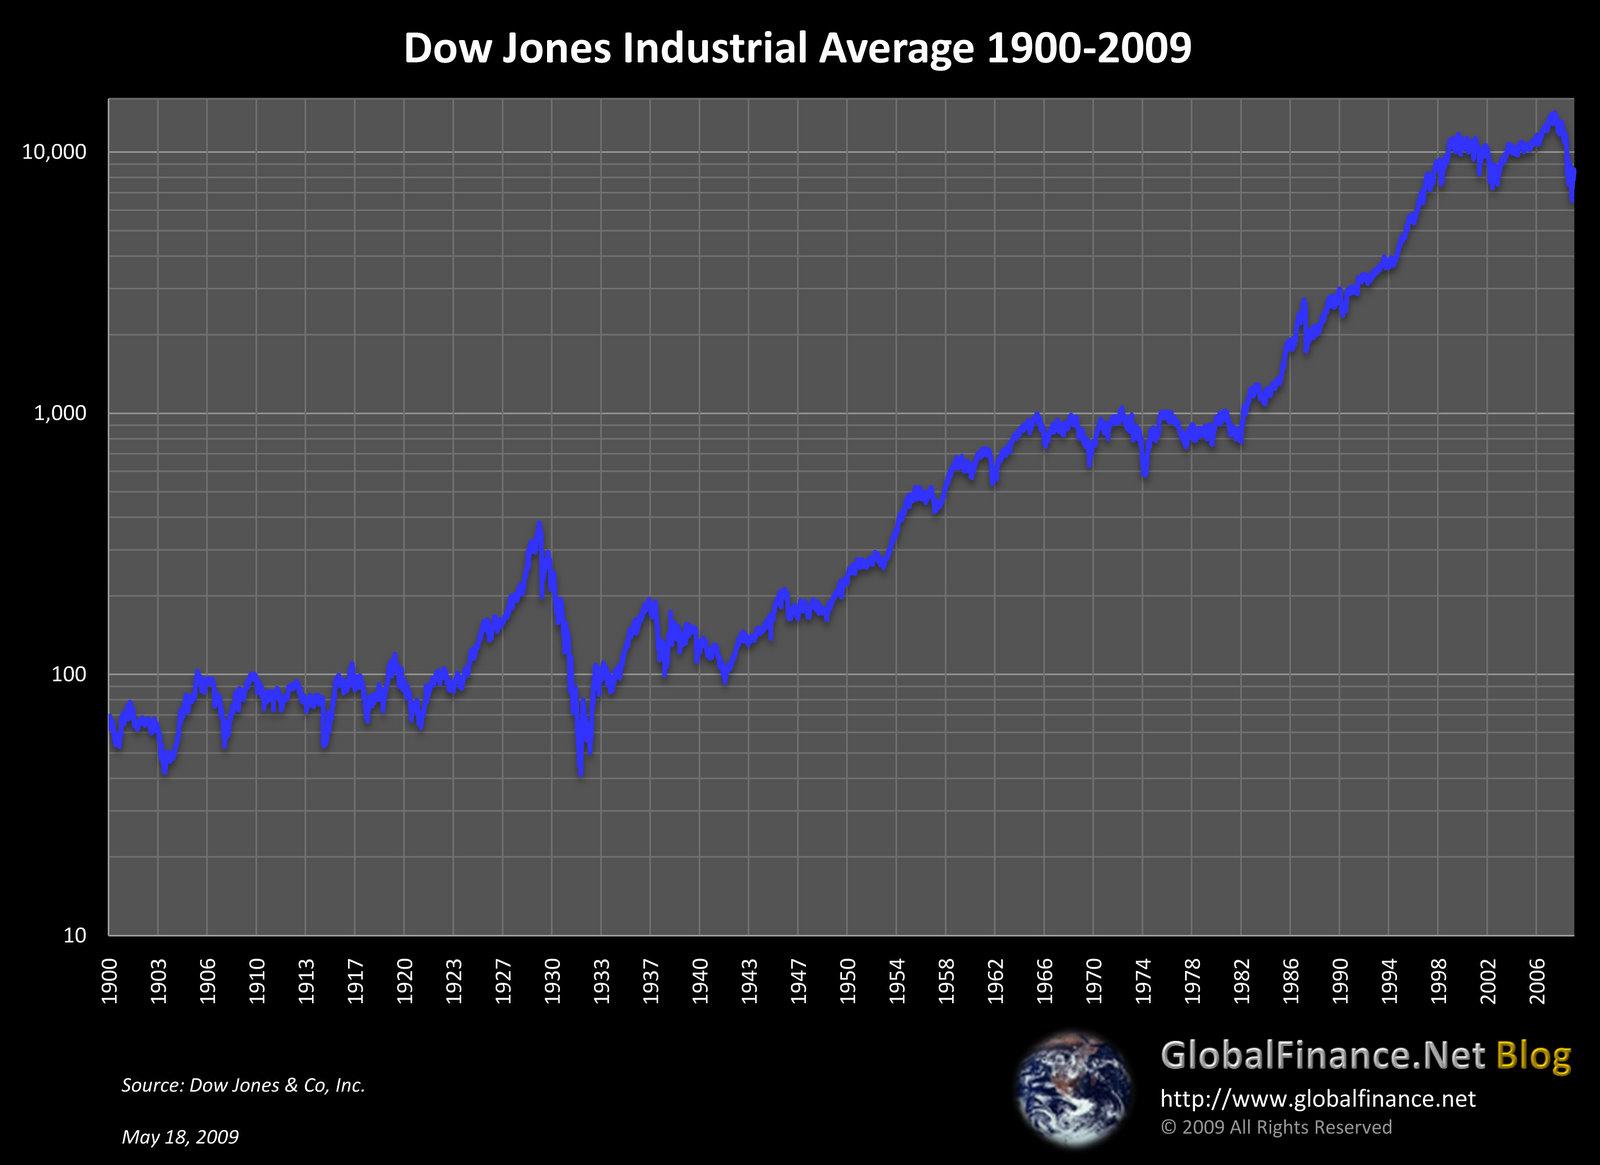 Dow Jones 1900-2009